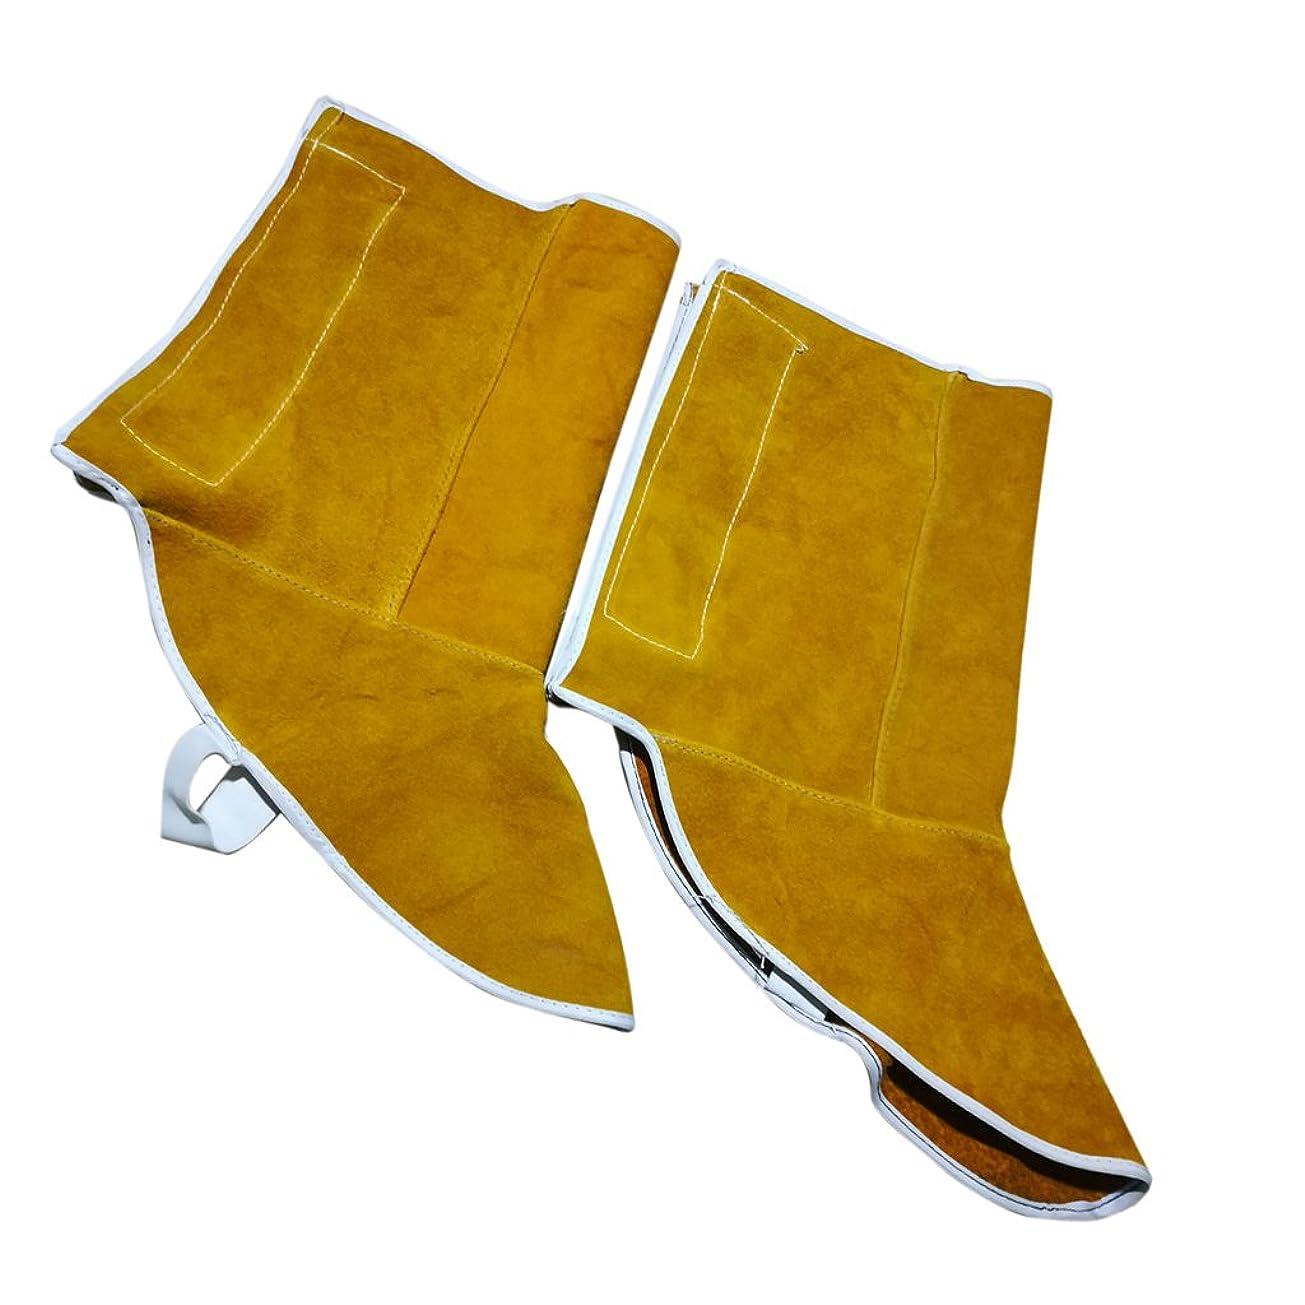 複製パドル要求するBaosity 電気溶接 靴 シューズカバー フィートカバー 職場用 安全保護 火花飛沫防止 断熱 1対